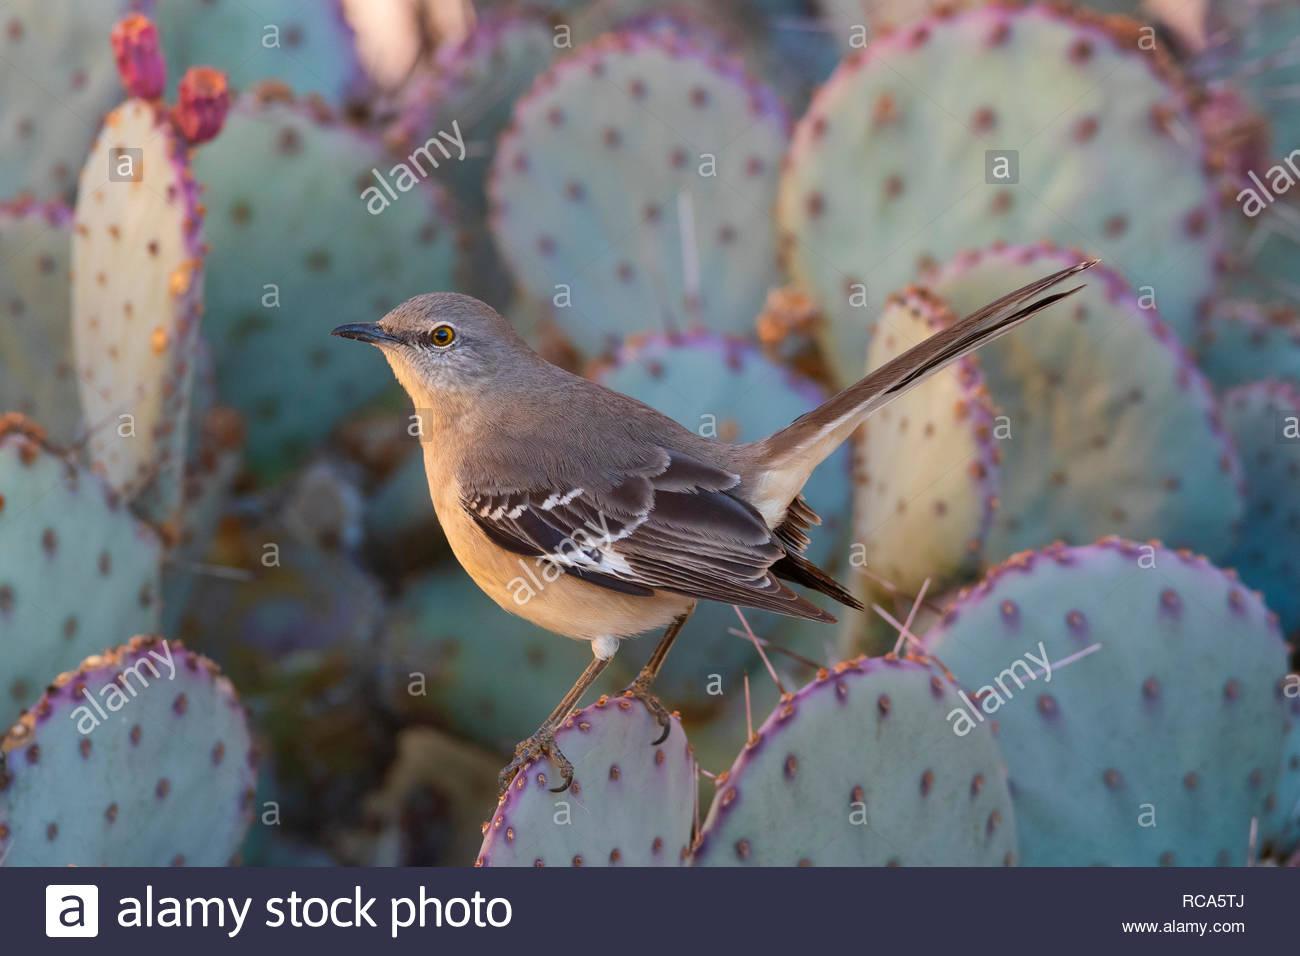 Eine nördliche Mockingbird (Mimus polyglottos) ruht auf einem feigenkakteen in Chandler, Arizona. Northern Spottdrosseln sind für ihre Intelligenz bekannt Stockbild